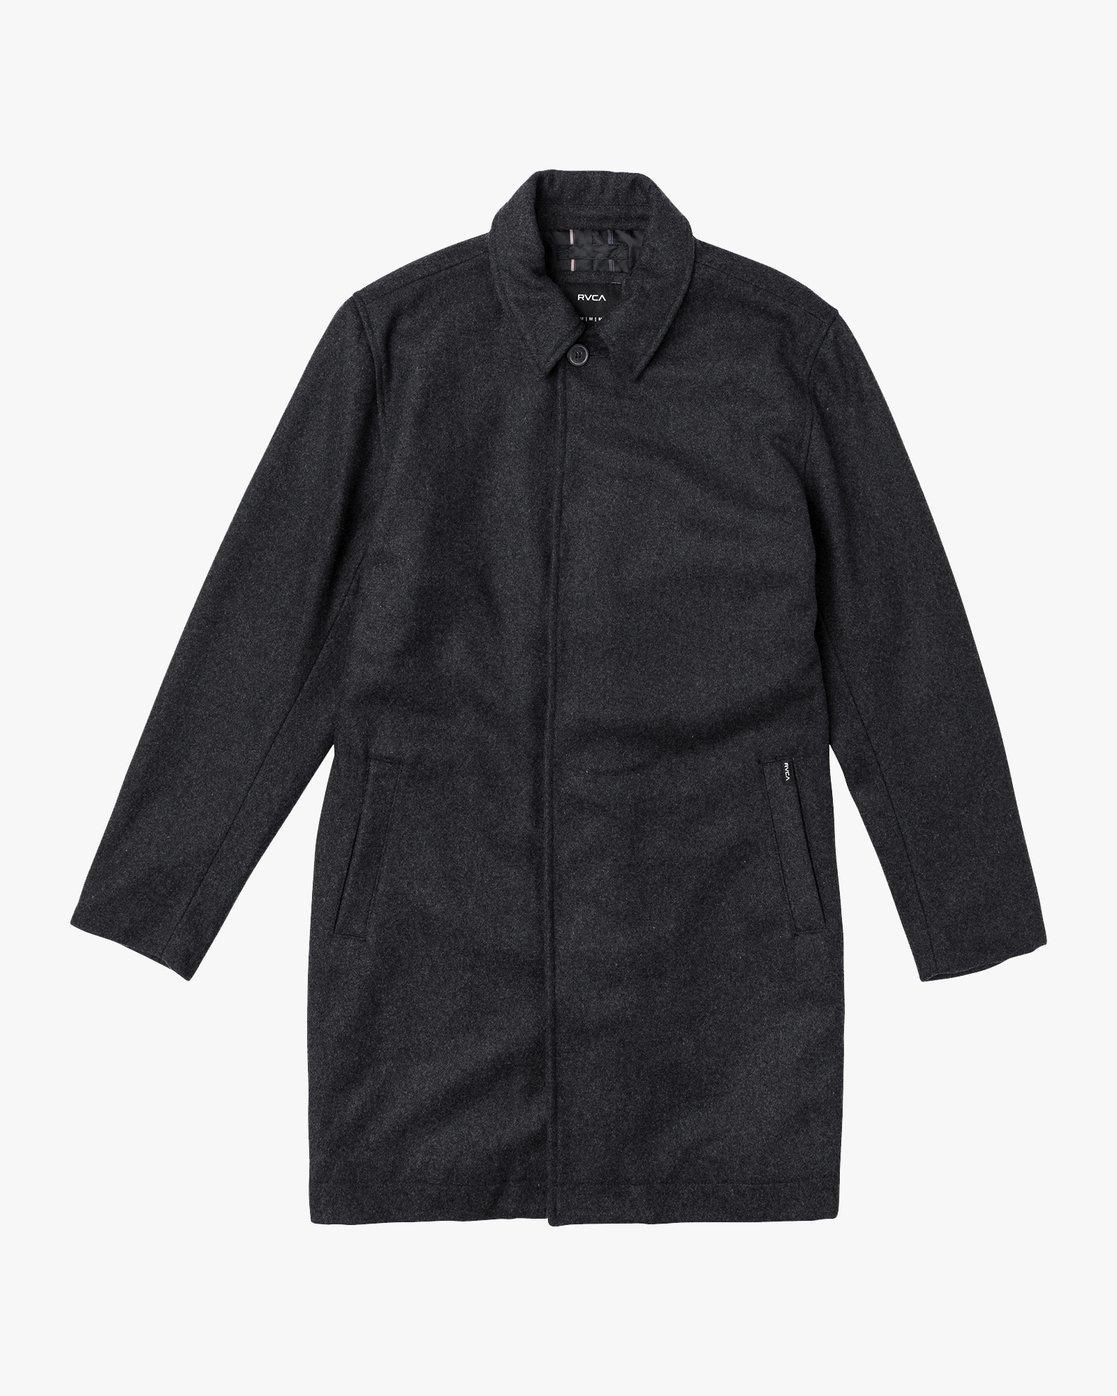 0 Mac  - Wool Coat  Q1JKRCRVF9 RVCA